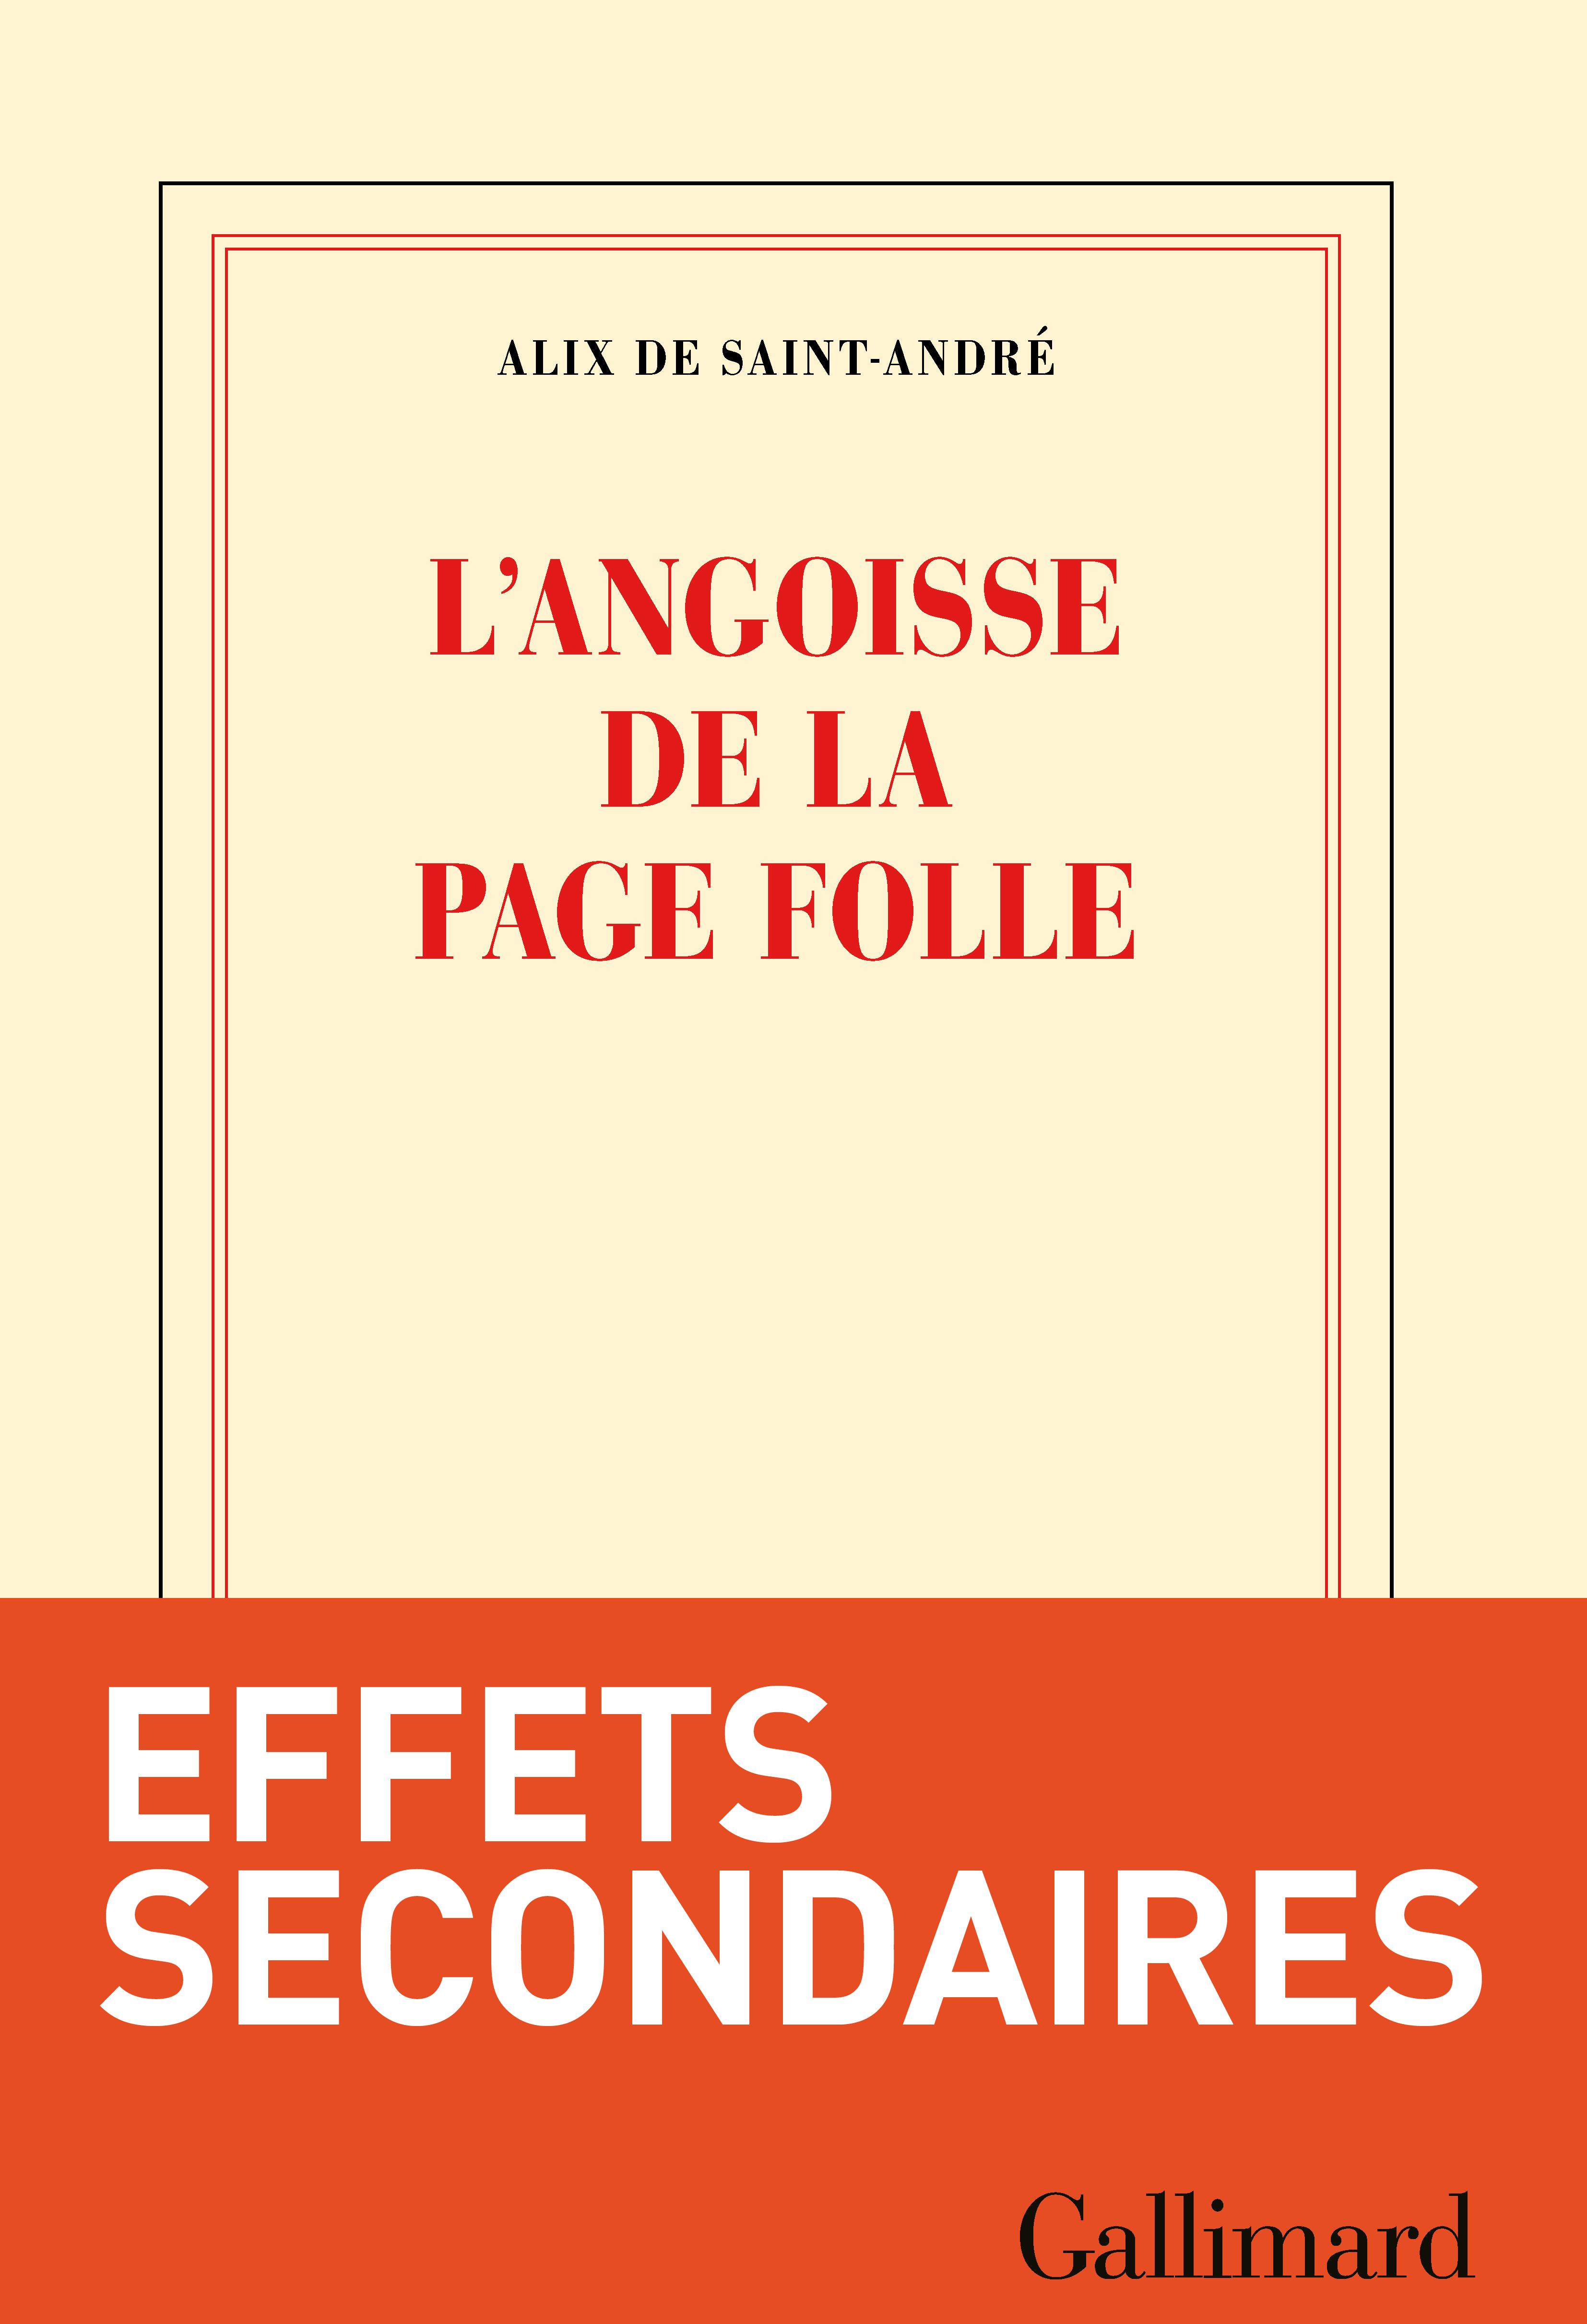 L'angoisse de la page folle | Saint-André, Alix de